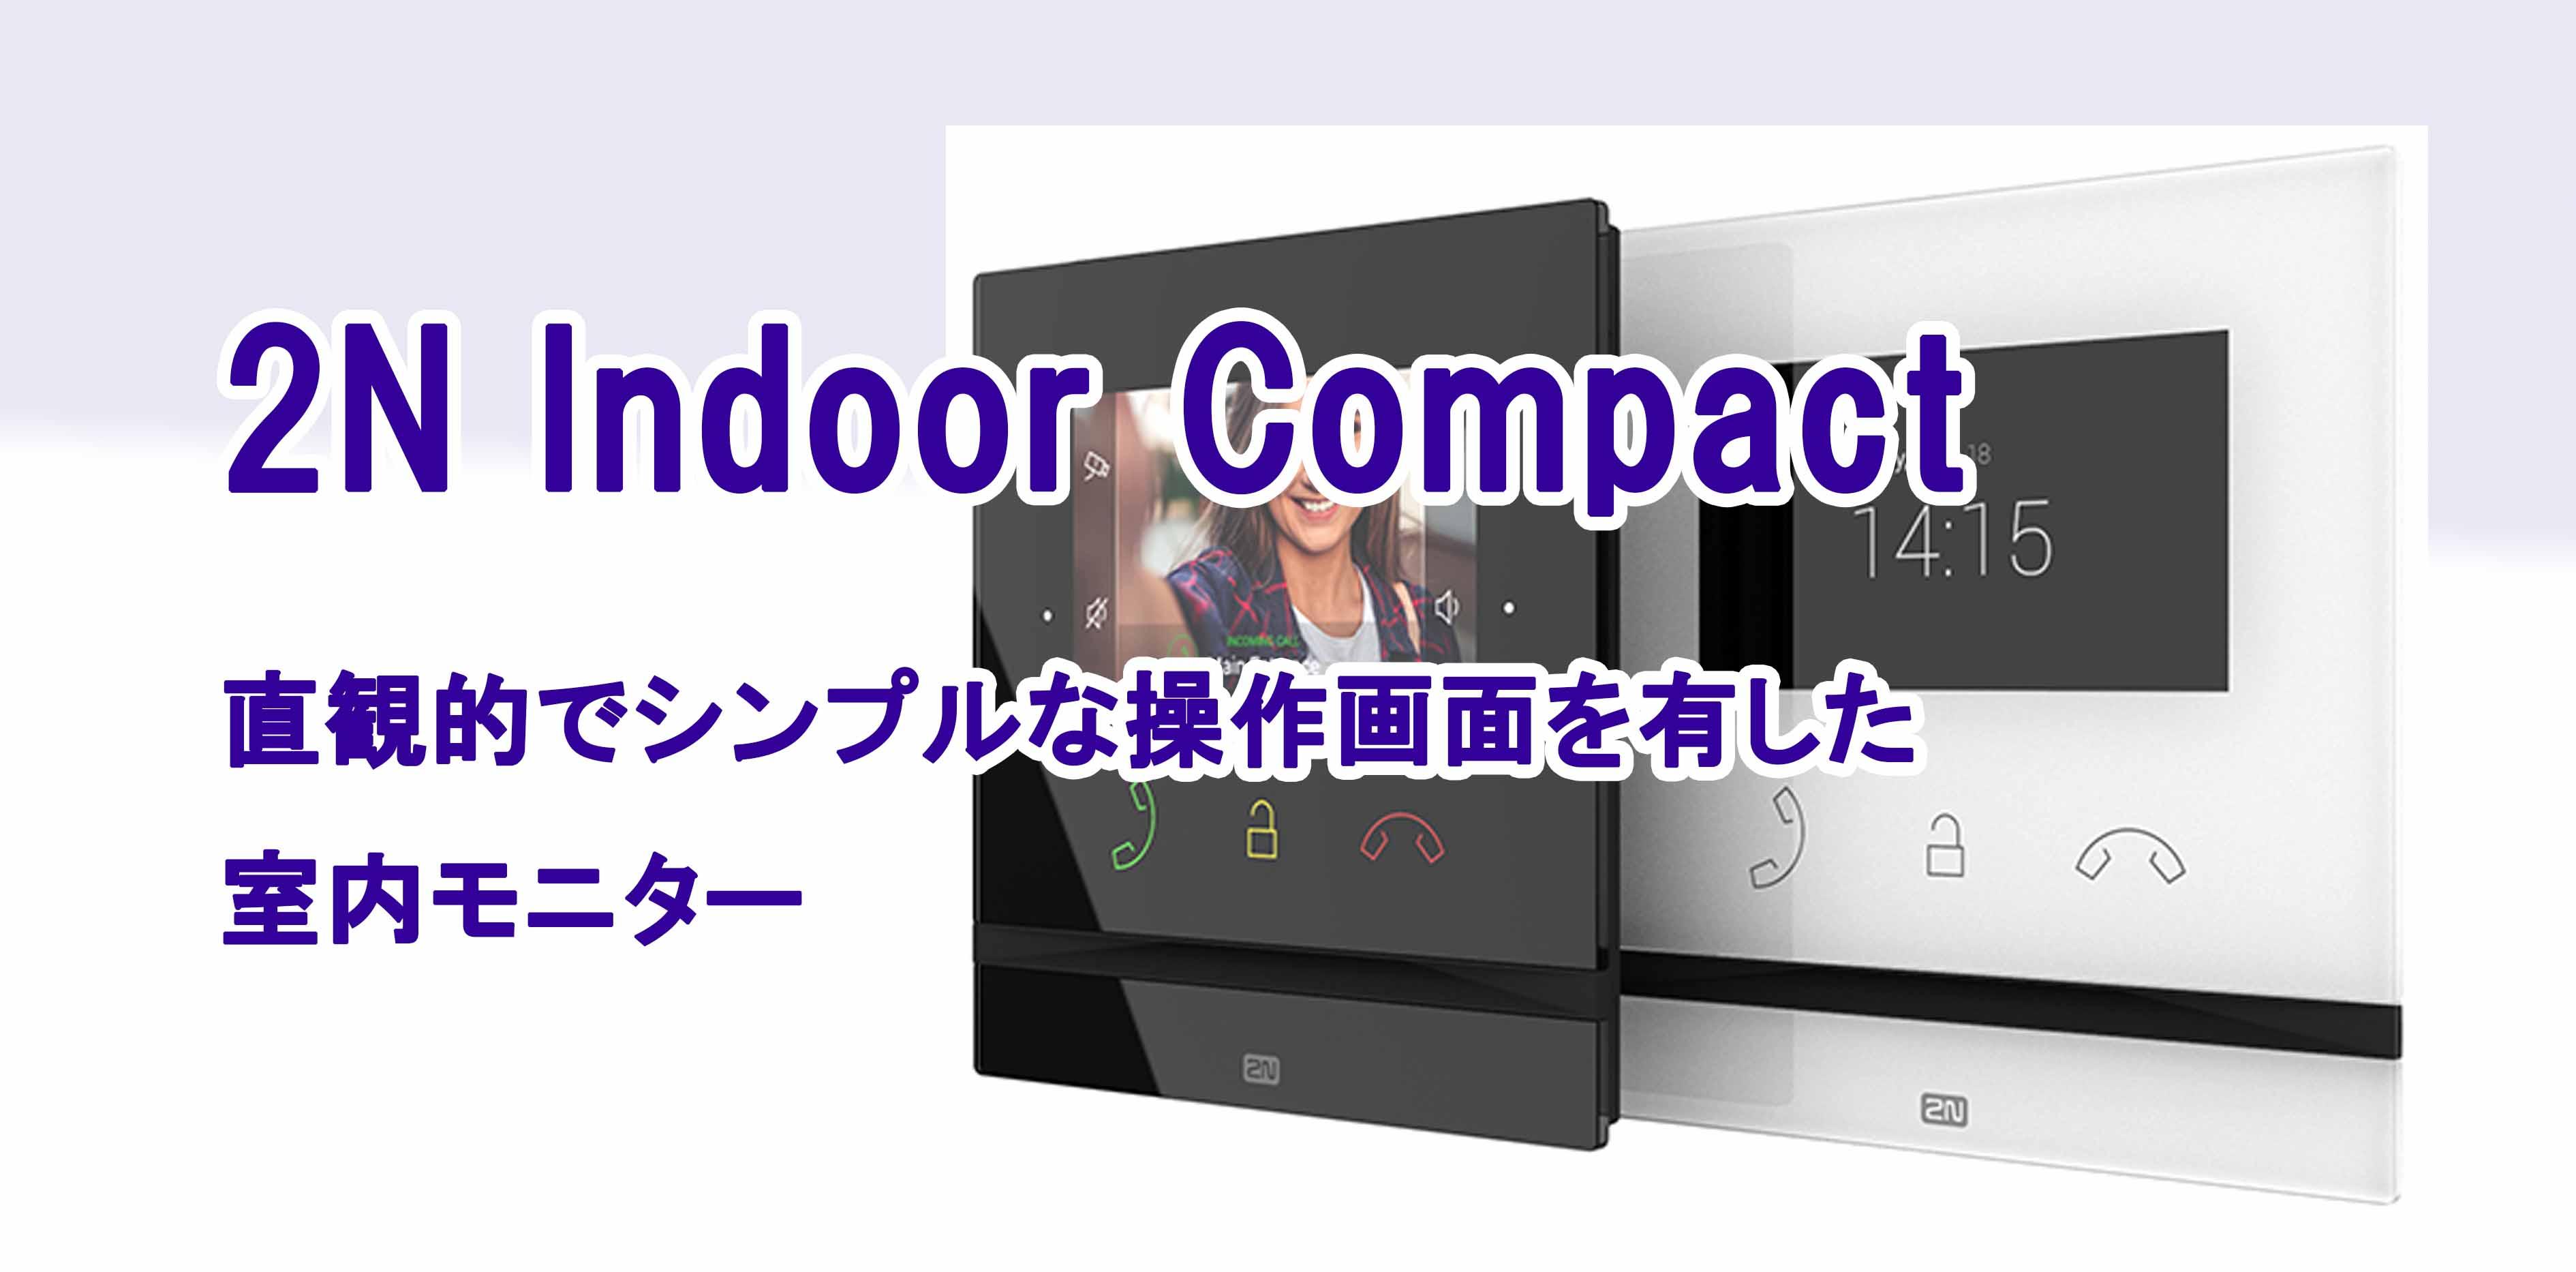 Indoor Compact